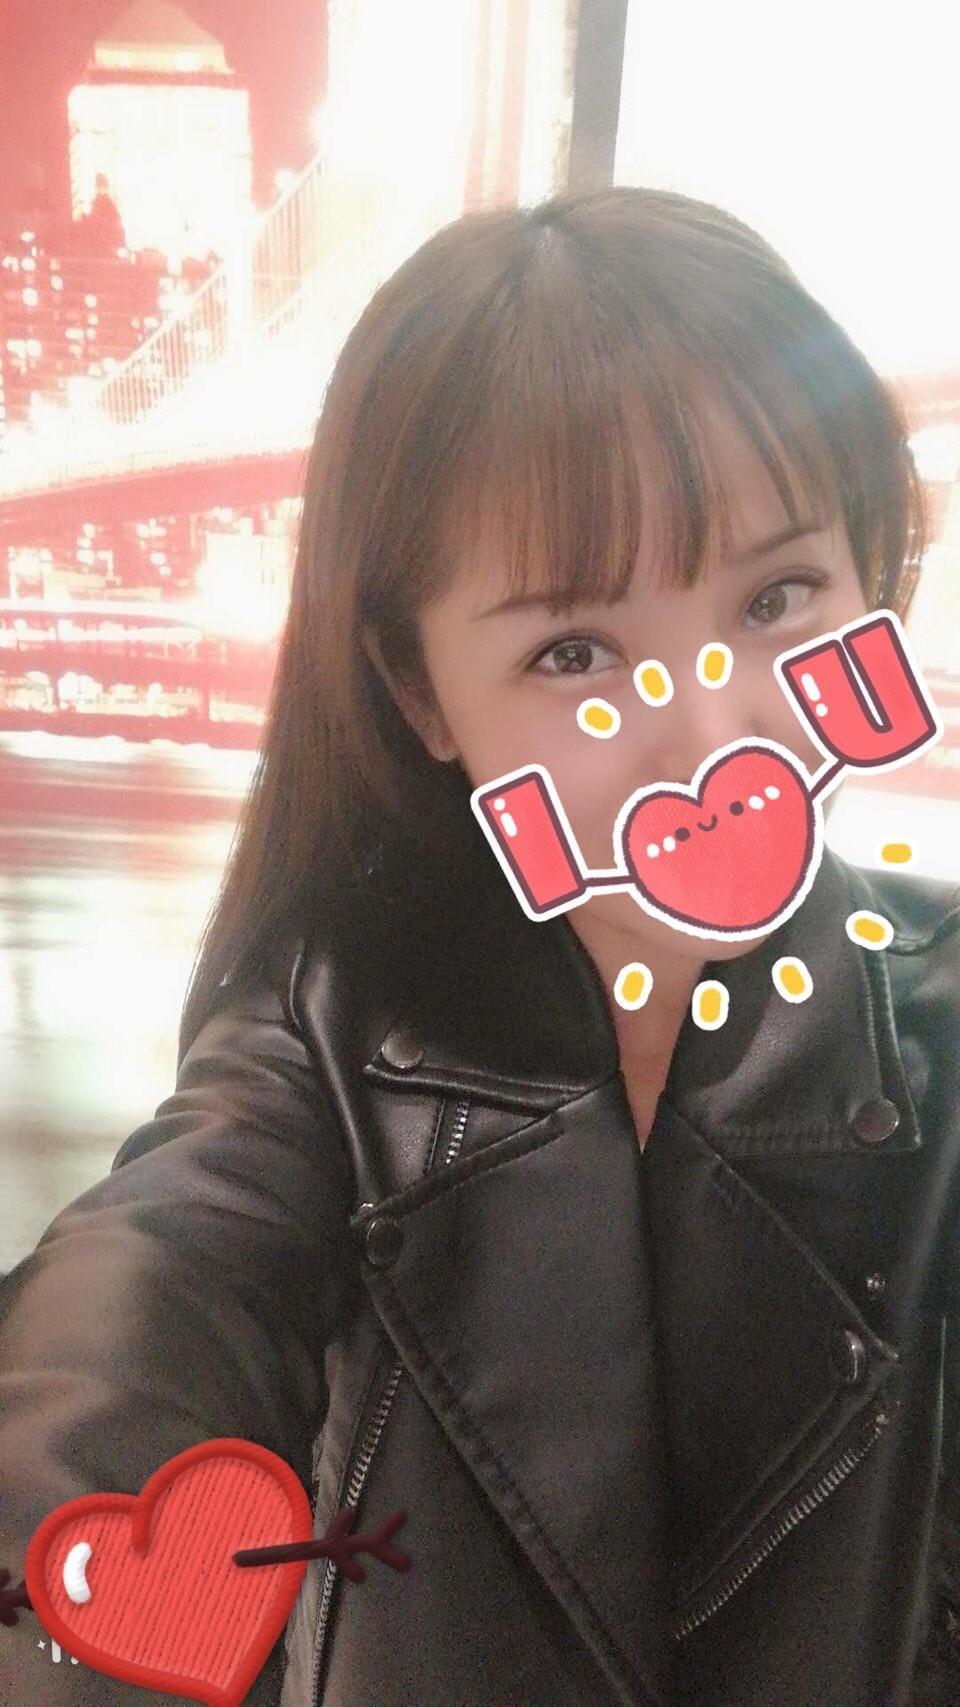 「笑顔で」12/14日(金) 10:44 | みかの写メ・風俗動画